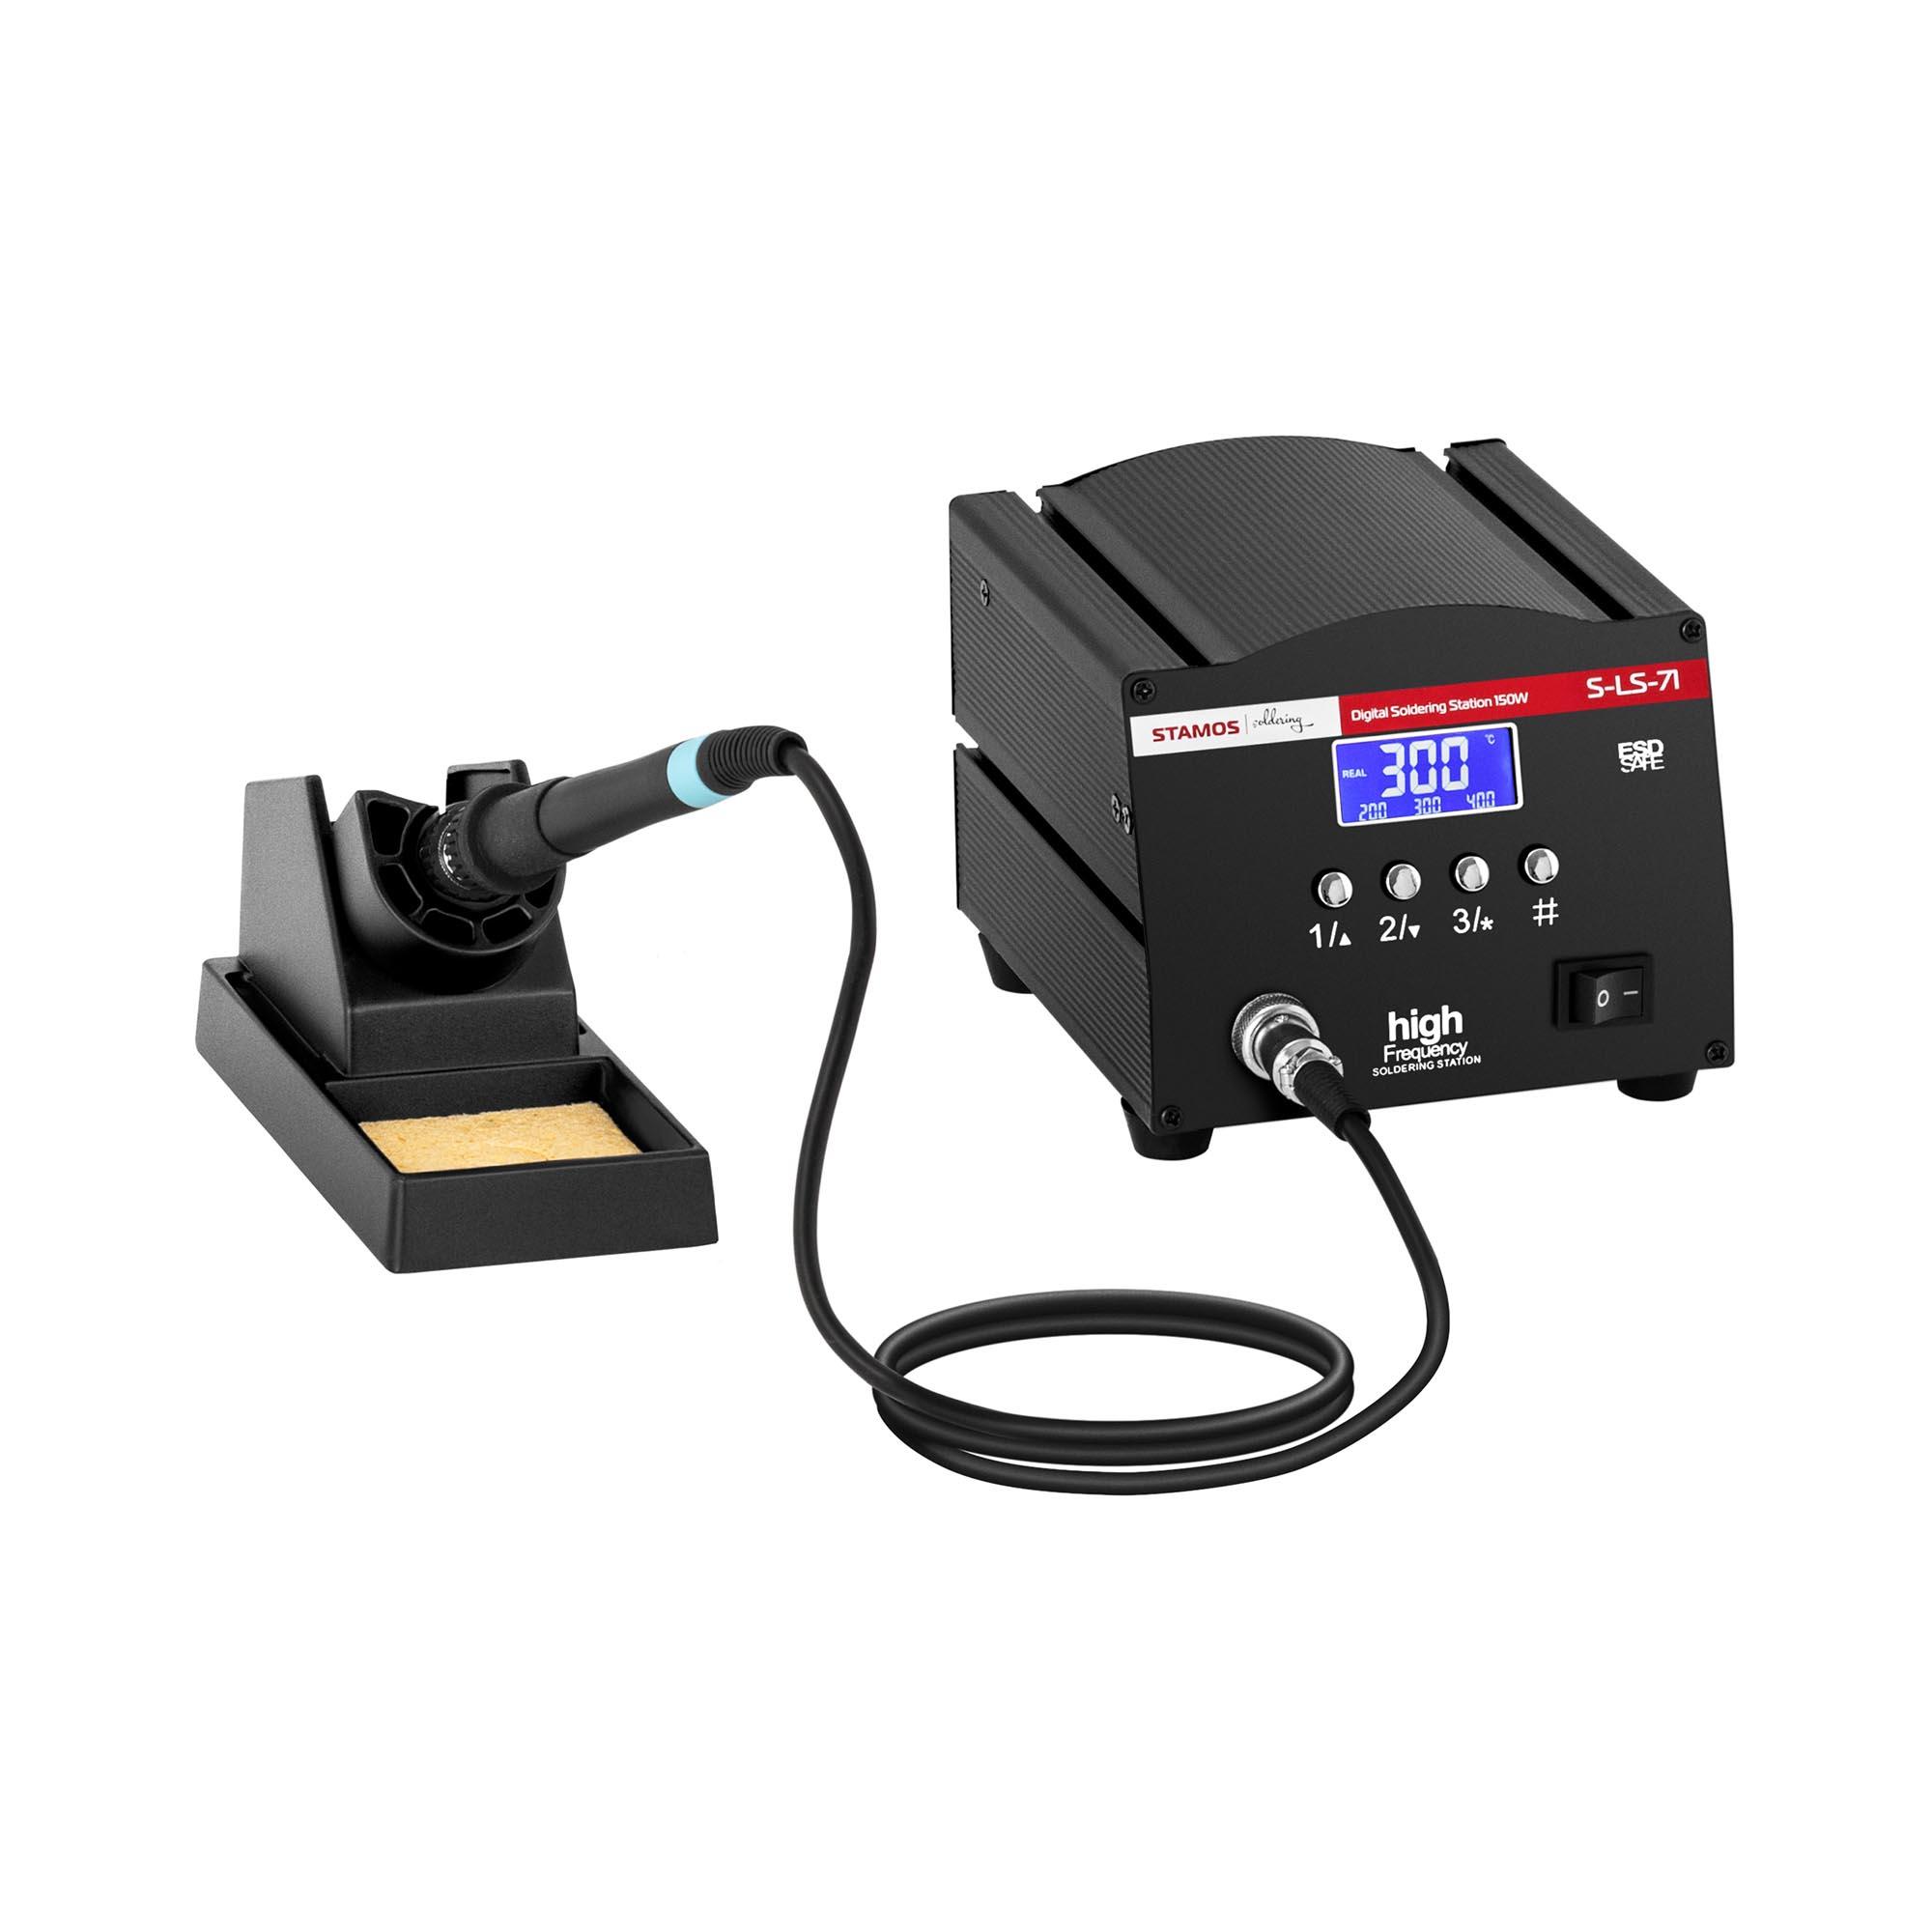 Stamos Soldering Lötstation - digital - mit Lötkolben und Lötkolbenablage - 150 W - LCD S-LS-71